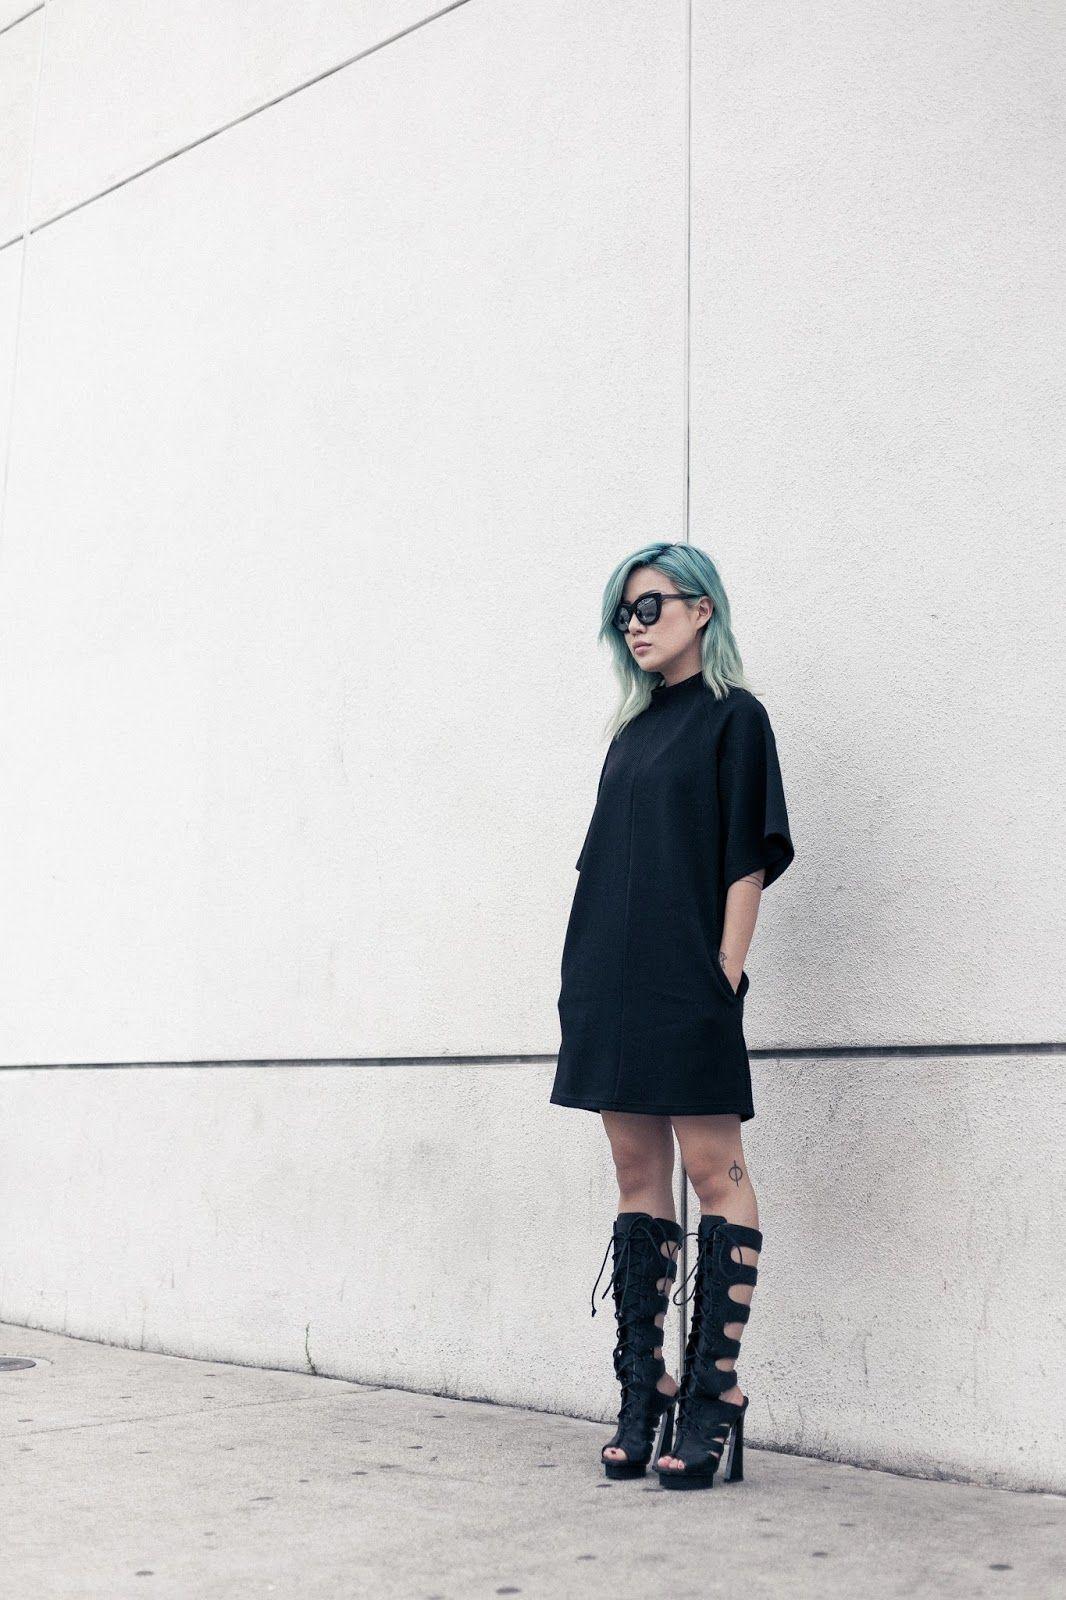 http://us.fashionbunker.com/the-siren-dress-black?color=black&UniqueId=n-7bmjfy5x6--1408492578&cf_referrer=http%3a%2f%2frstyle.me%2fn%2f7bmjfy5x6?color=black&UniqueId=n-7bmjfy5x6--1408492578&cf_referrer=http%3a%2f%2frstyle.me%2fn%2f7bmjfy5x6